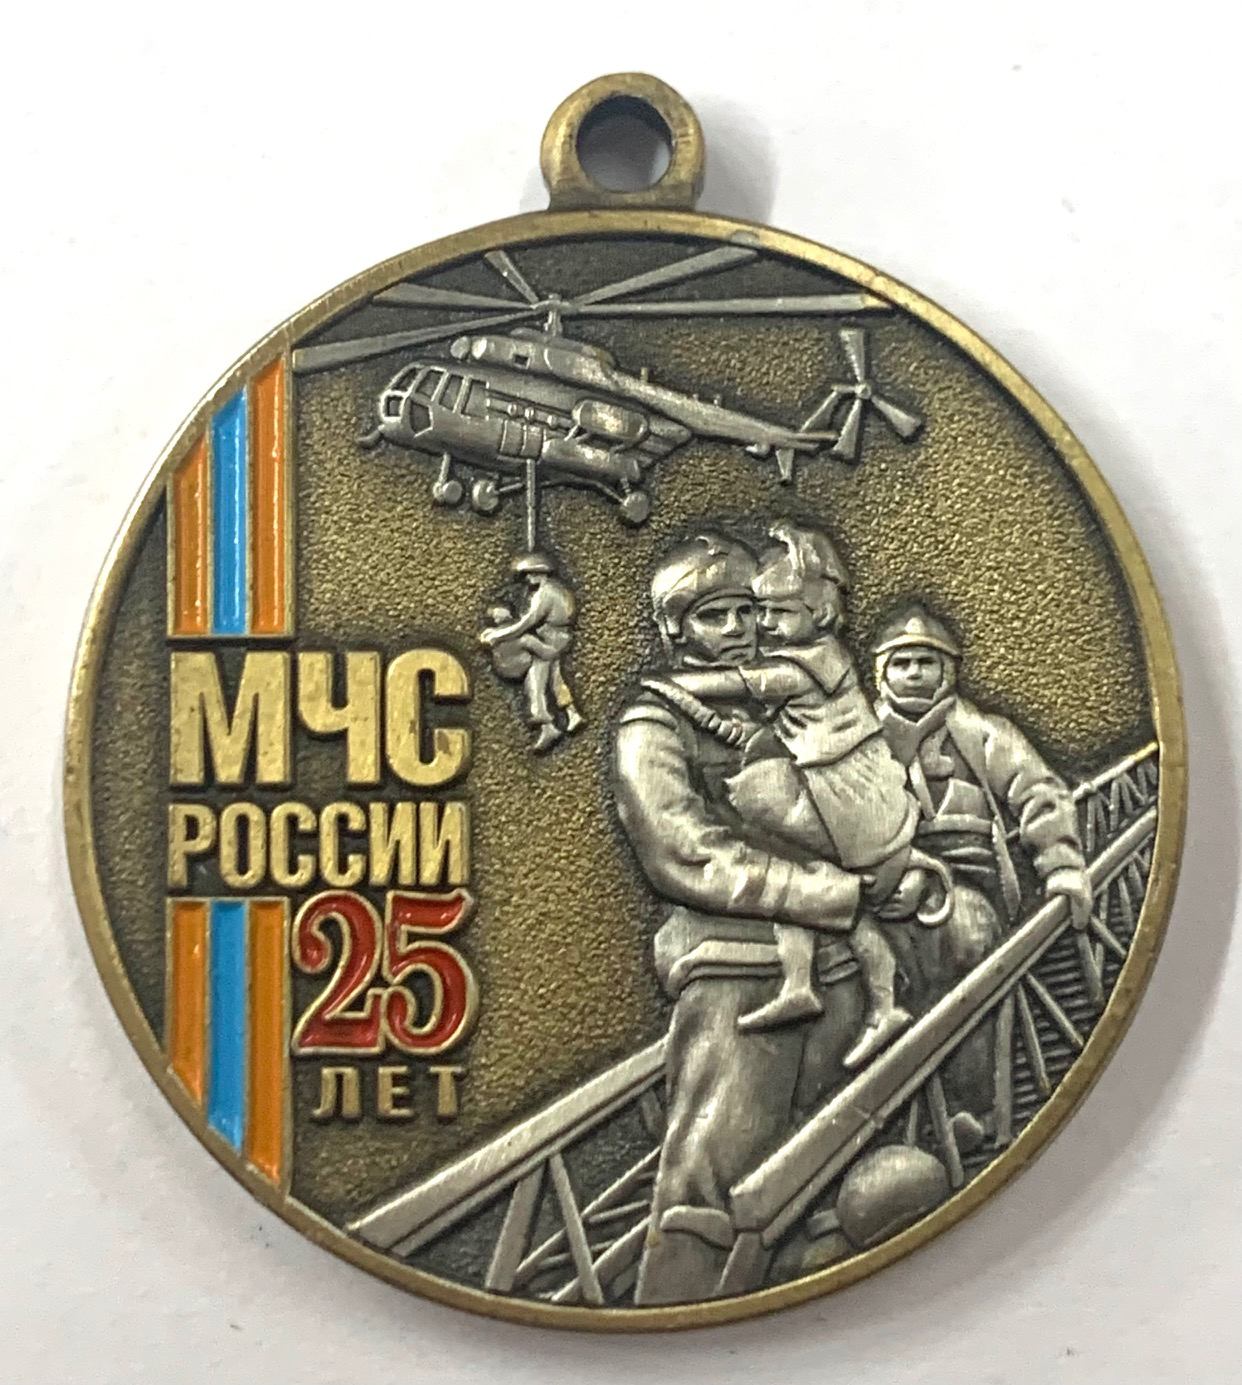 Медаль МЧС России – Предотвращение, Спасение, Помощь.